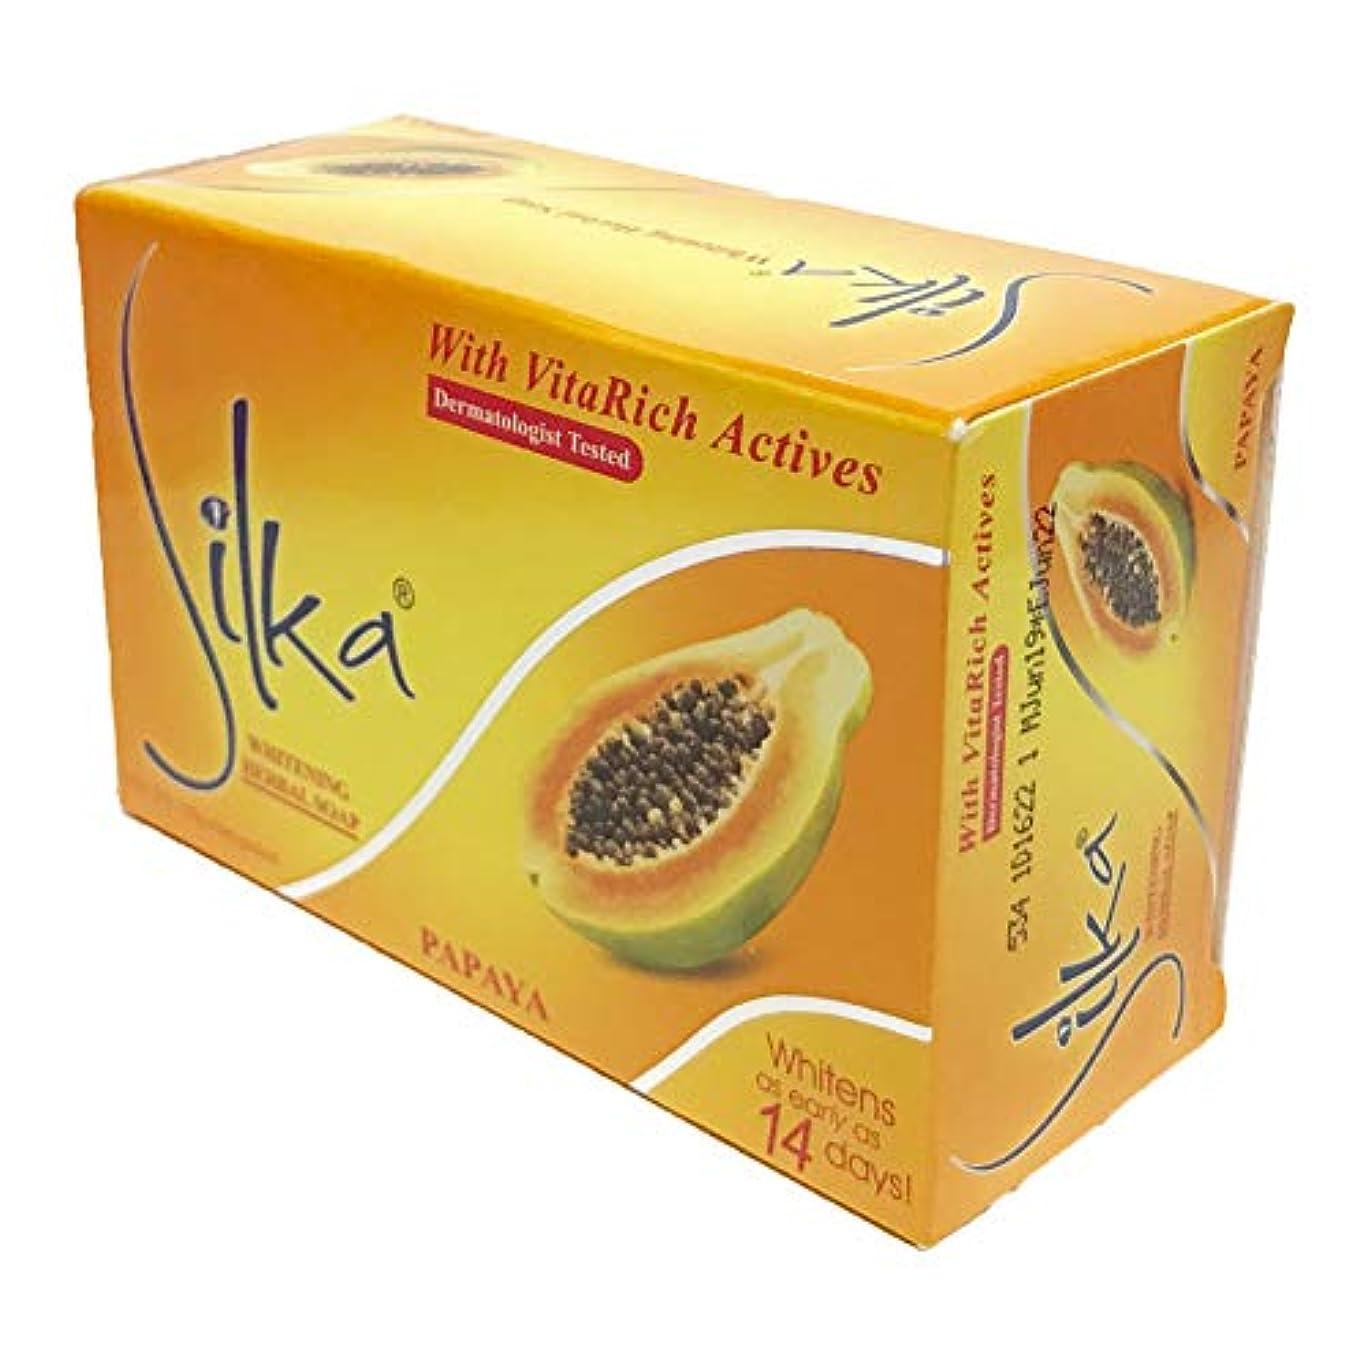 欠席悲劇的なヒントシルカ パパイヤソープ 135g Silka papaya soap